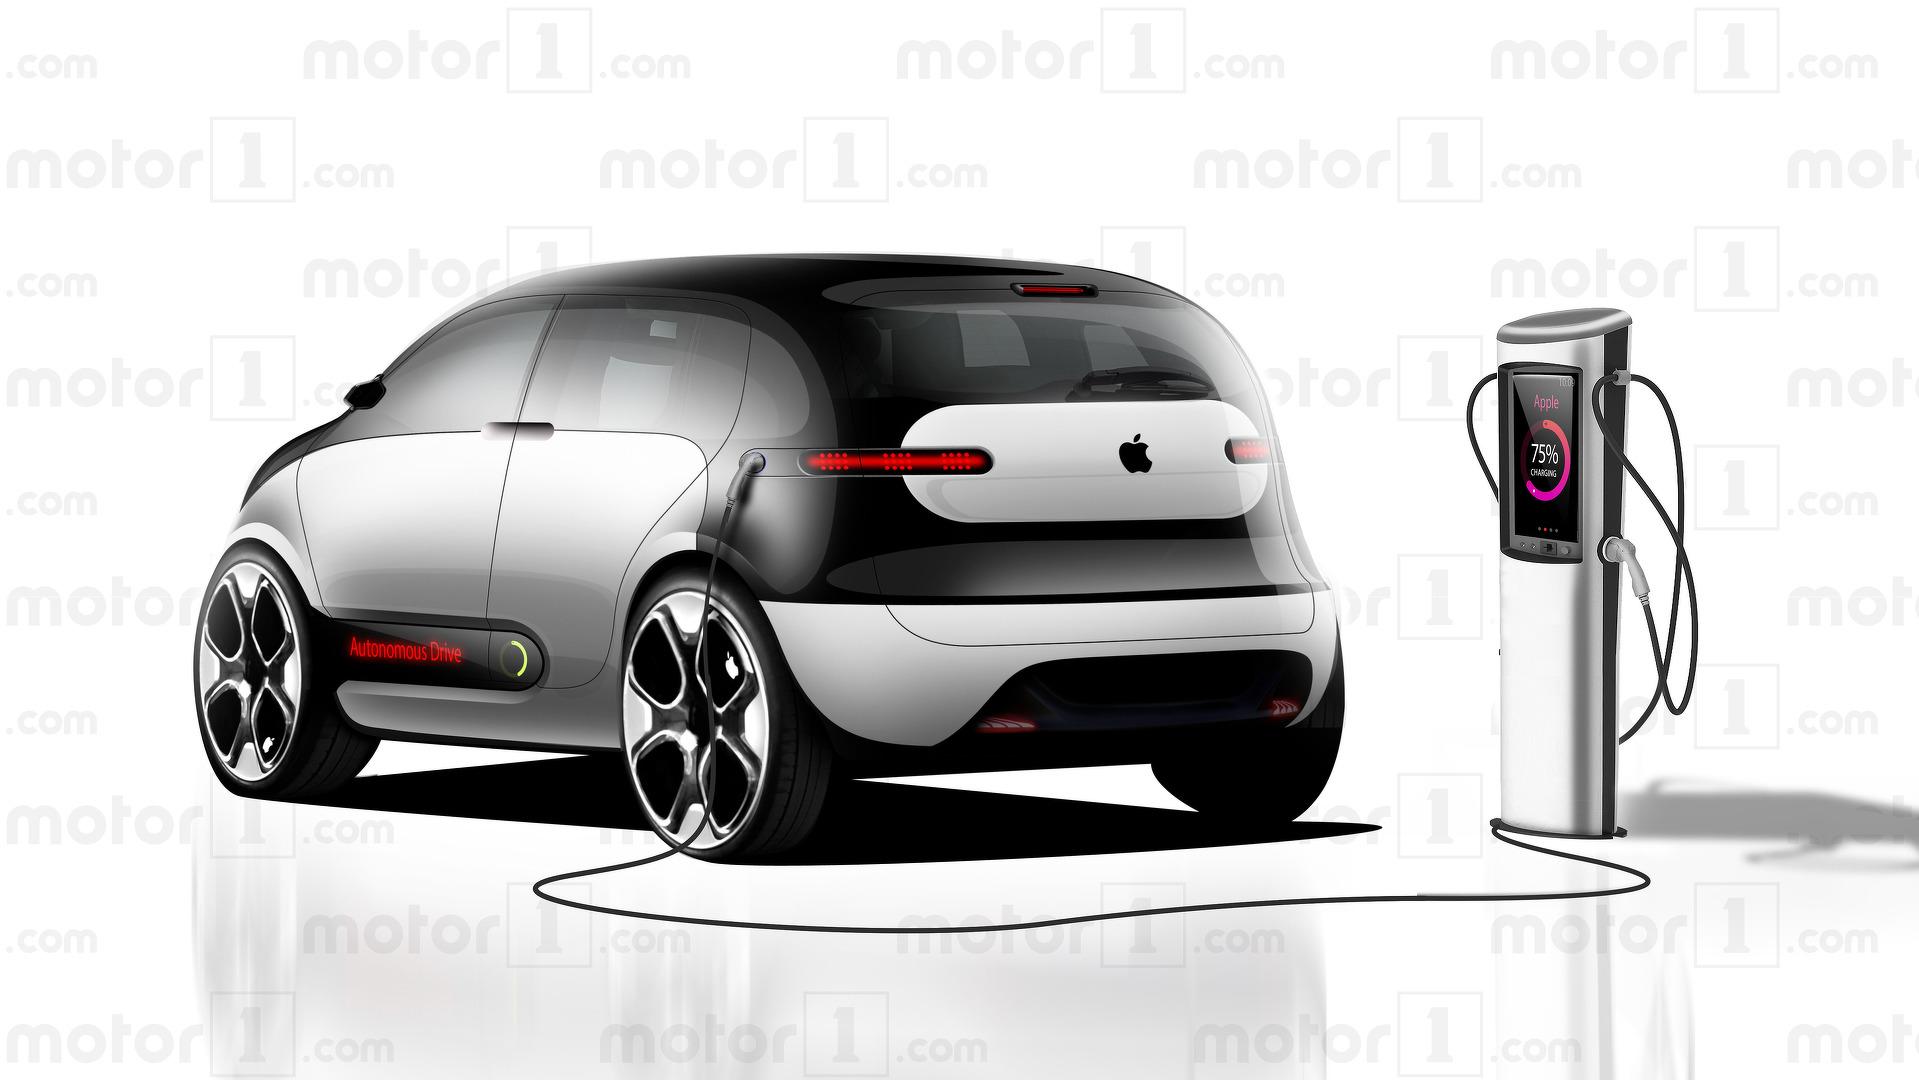 Партнерство Apple и Hyundai может состояться, концепт-кар может появиться в 2022 году